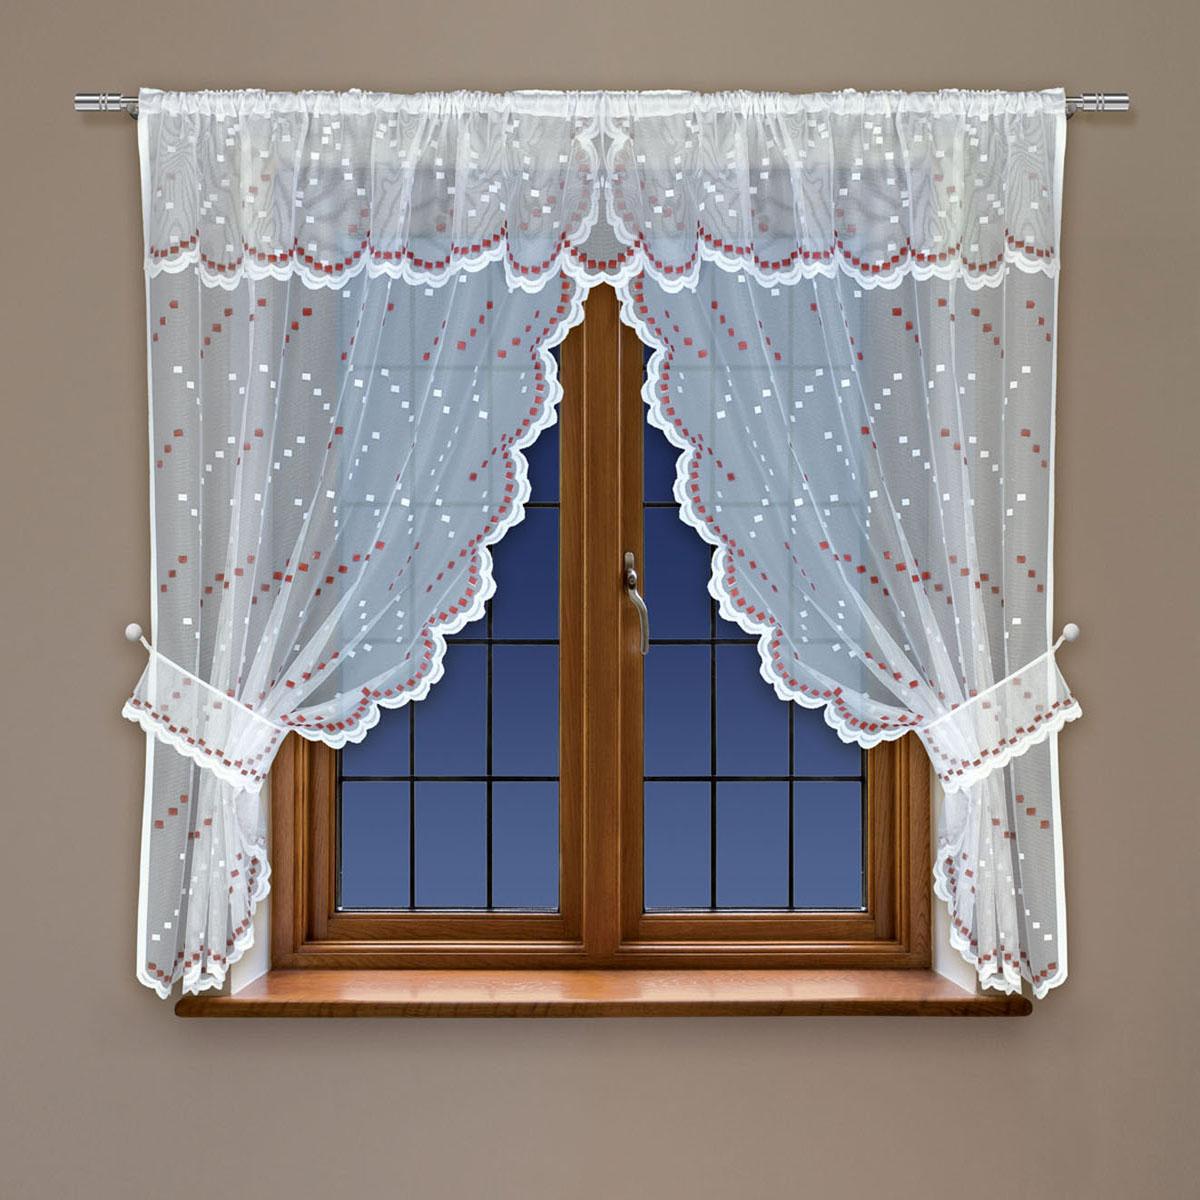 Гардина Haft, на кулиске, цвет: белый, красный, высота 115 см. 228410SVC-300Воздушная гардина Haft, выполненная из полиэстера, великолепно украсит любое окно.Изделие имеет оригинальный дизайн и органично впишется в интерьер помещения.Гардина крепится на карниз при помощи кулиски.